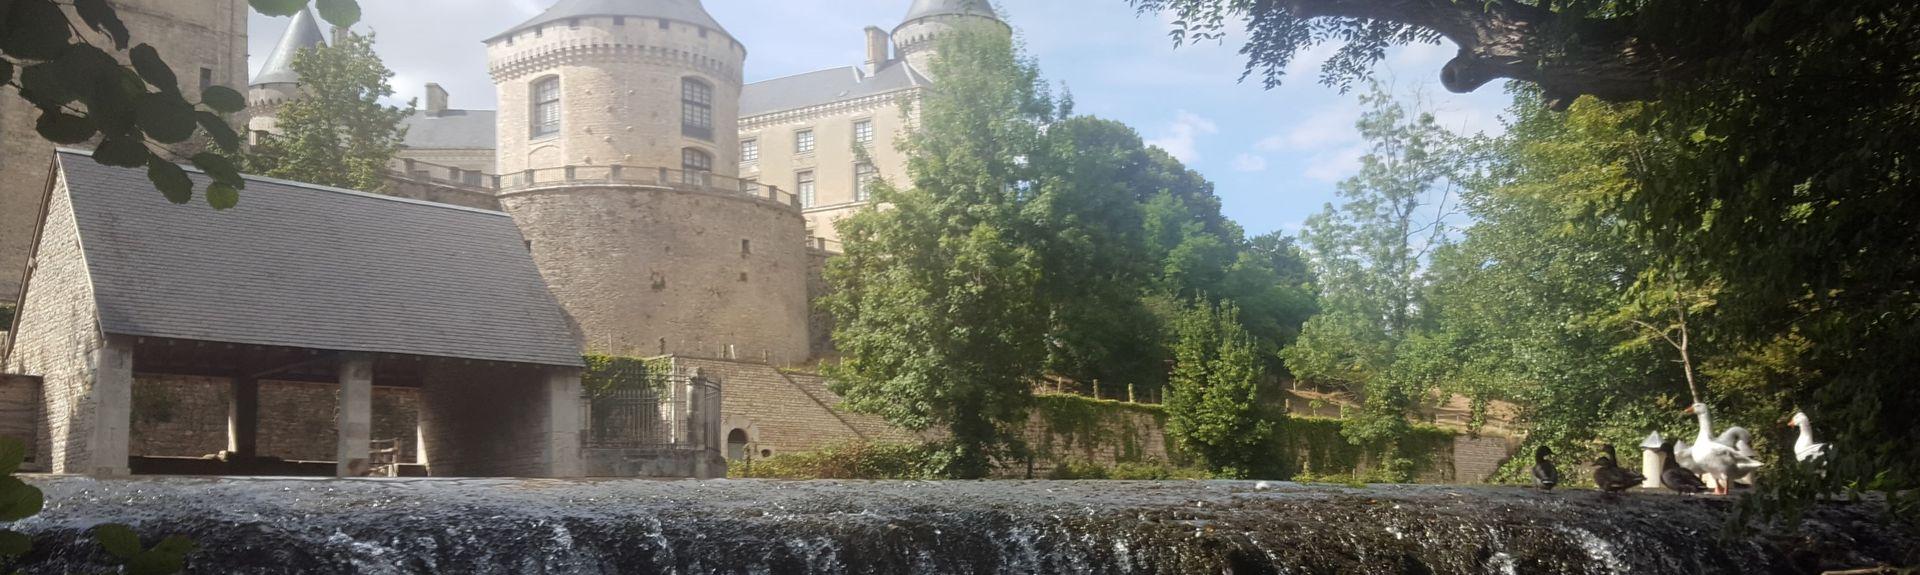 Celles-sur-Belle, Deux-Sevres (department), France